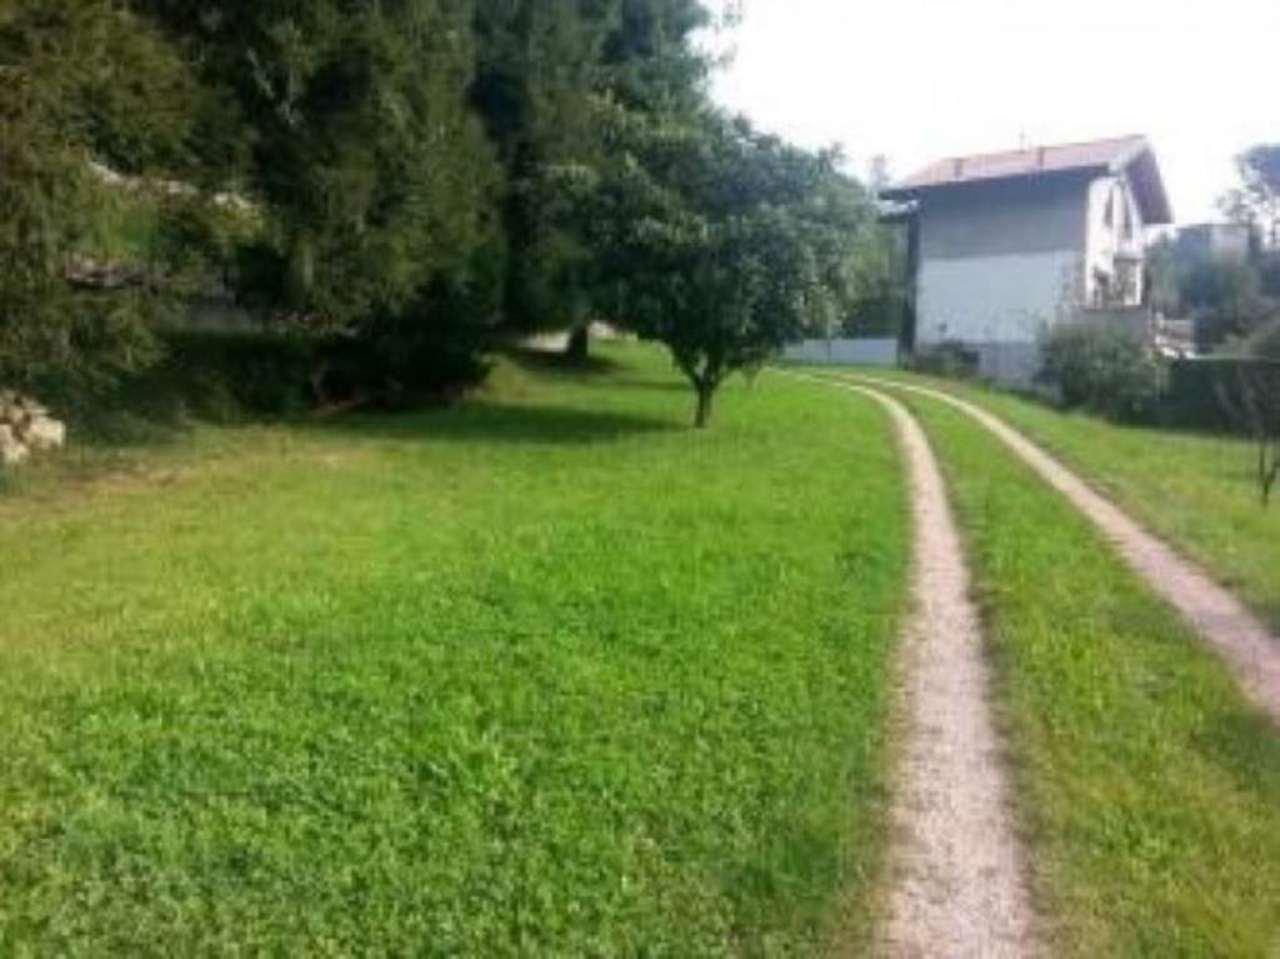 Terreno Edificabile Residenziale in vendita a Induno Olona, 9999 locali, prezzo € 120.000 | Cambio Casa.it